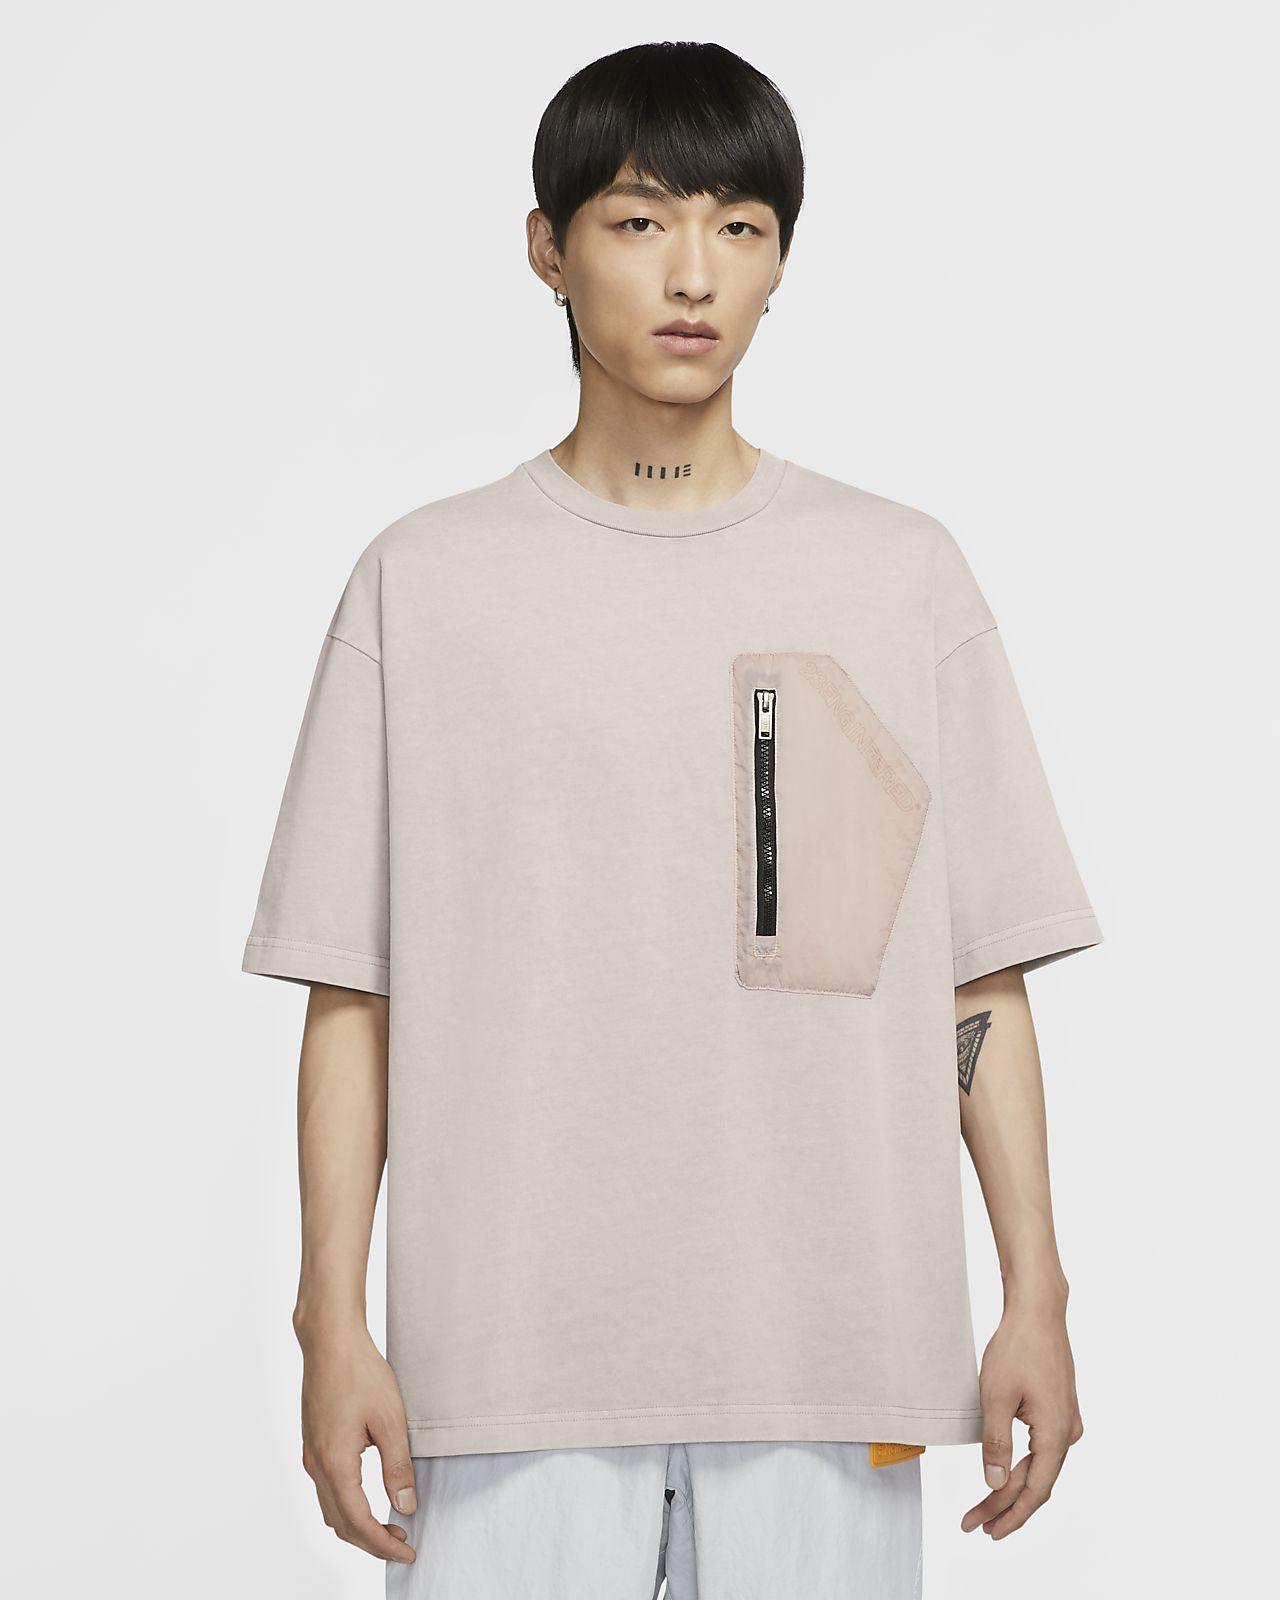 เสื้อผู้ชาย Jordan 23 Engineered